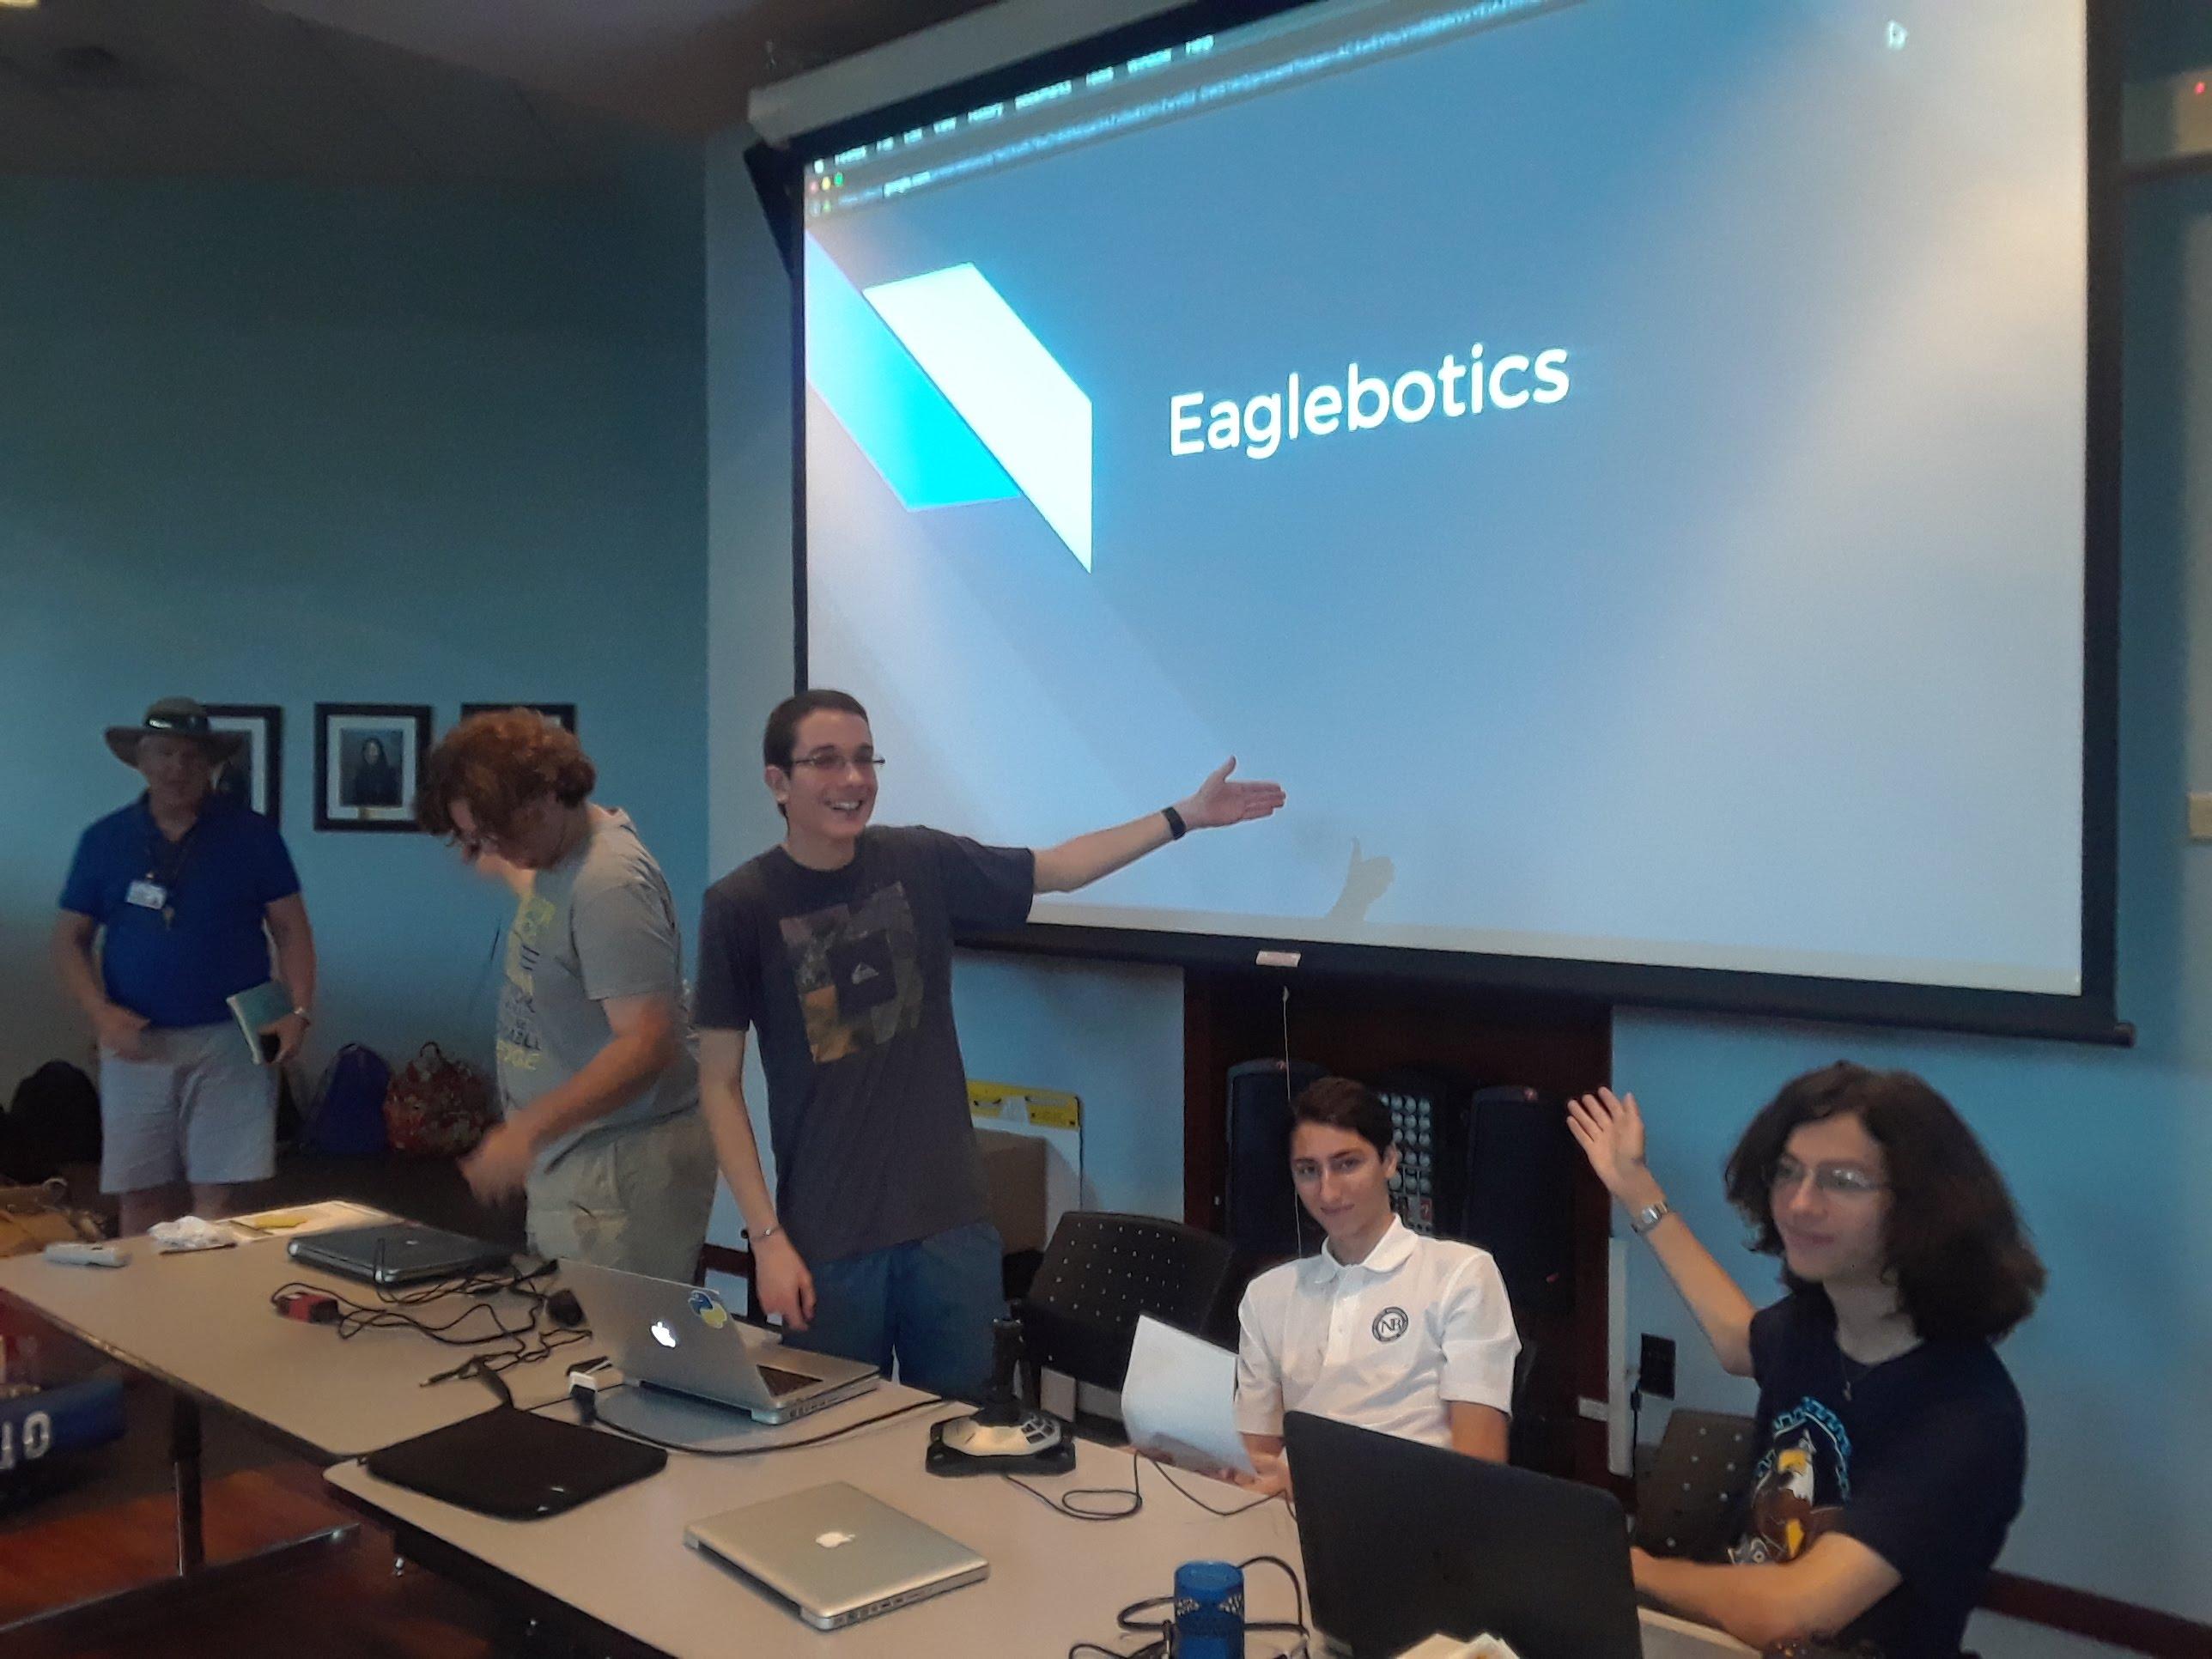 Eaglebotics